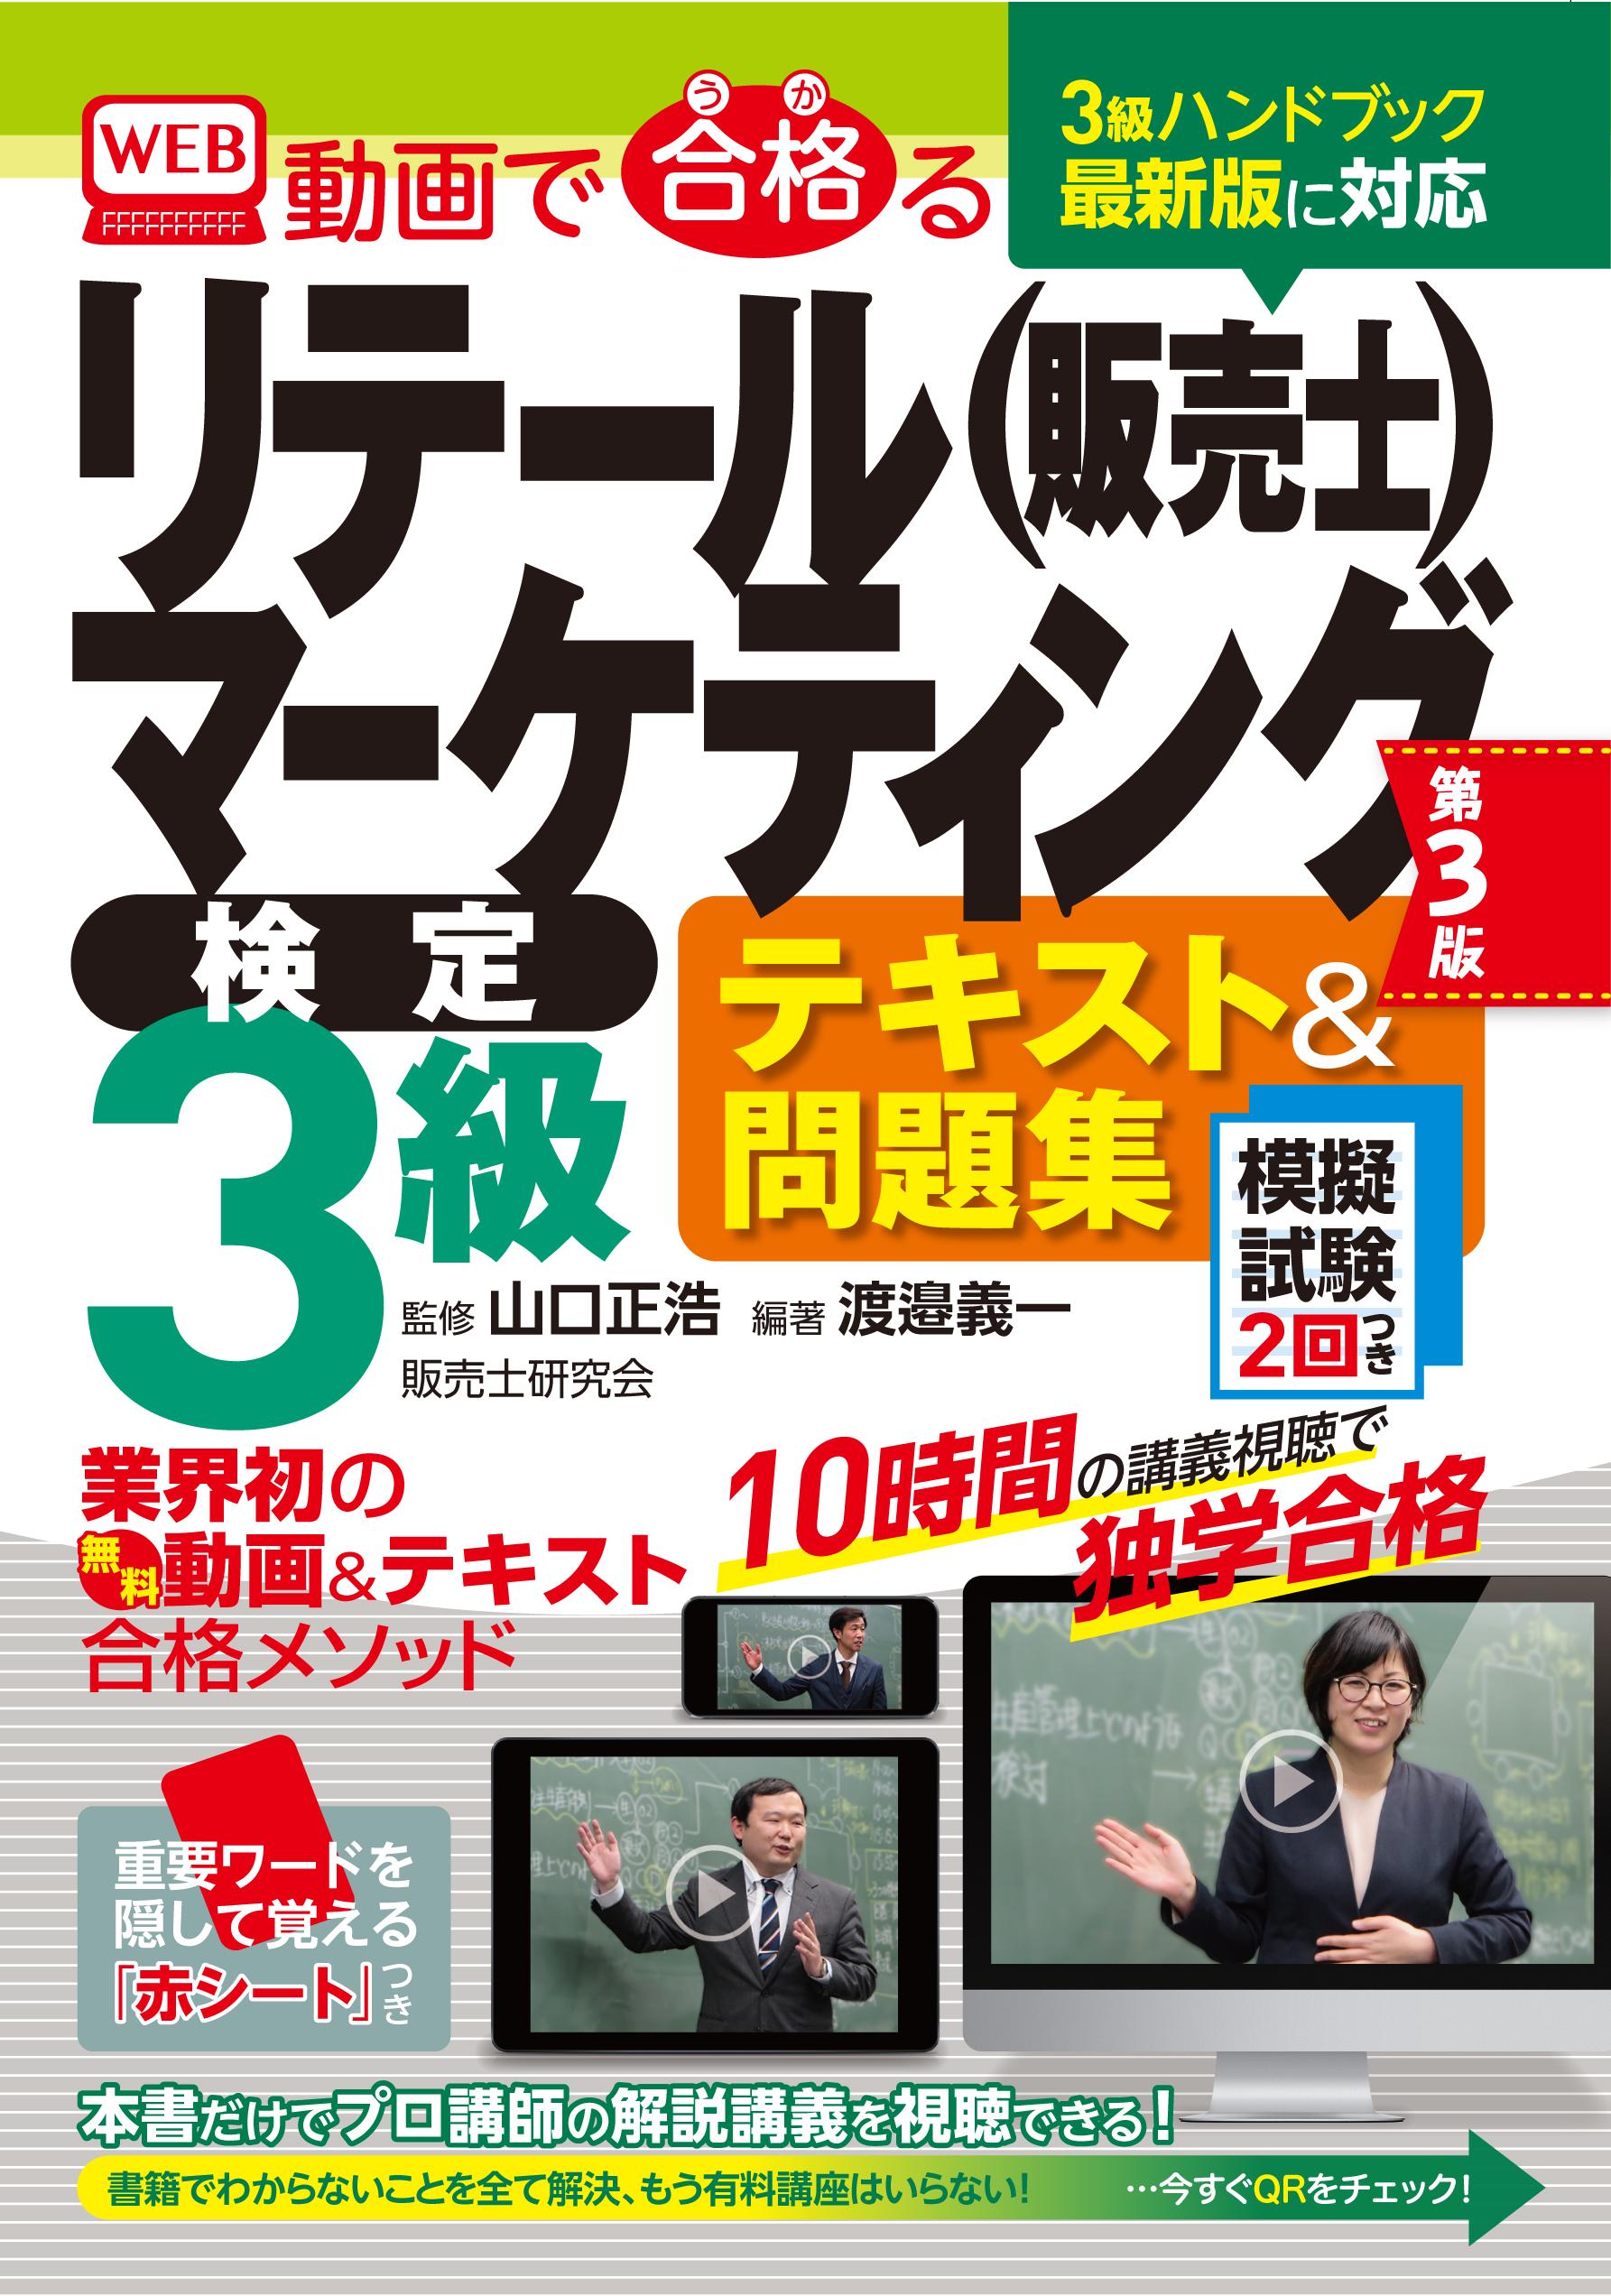 リテールマーケティング(販売士)3級テキスト&問題集(第3版)